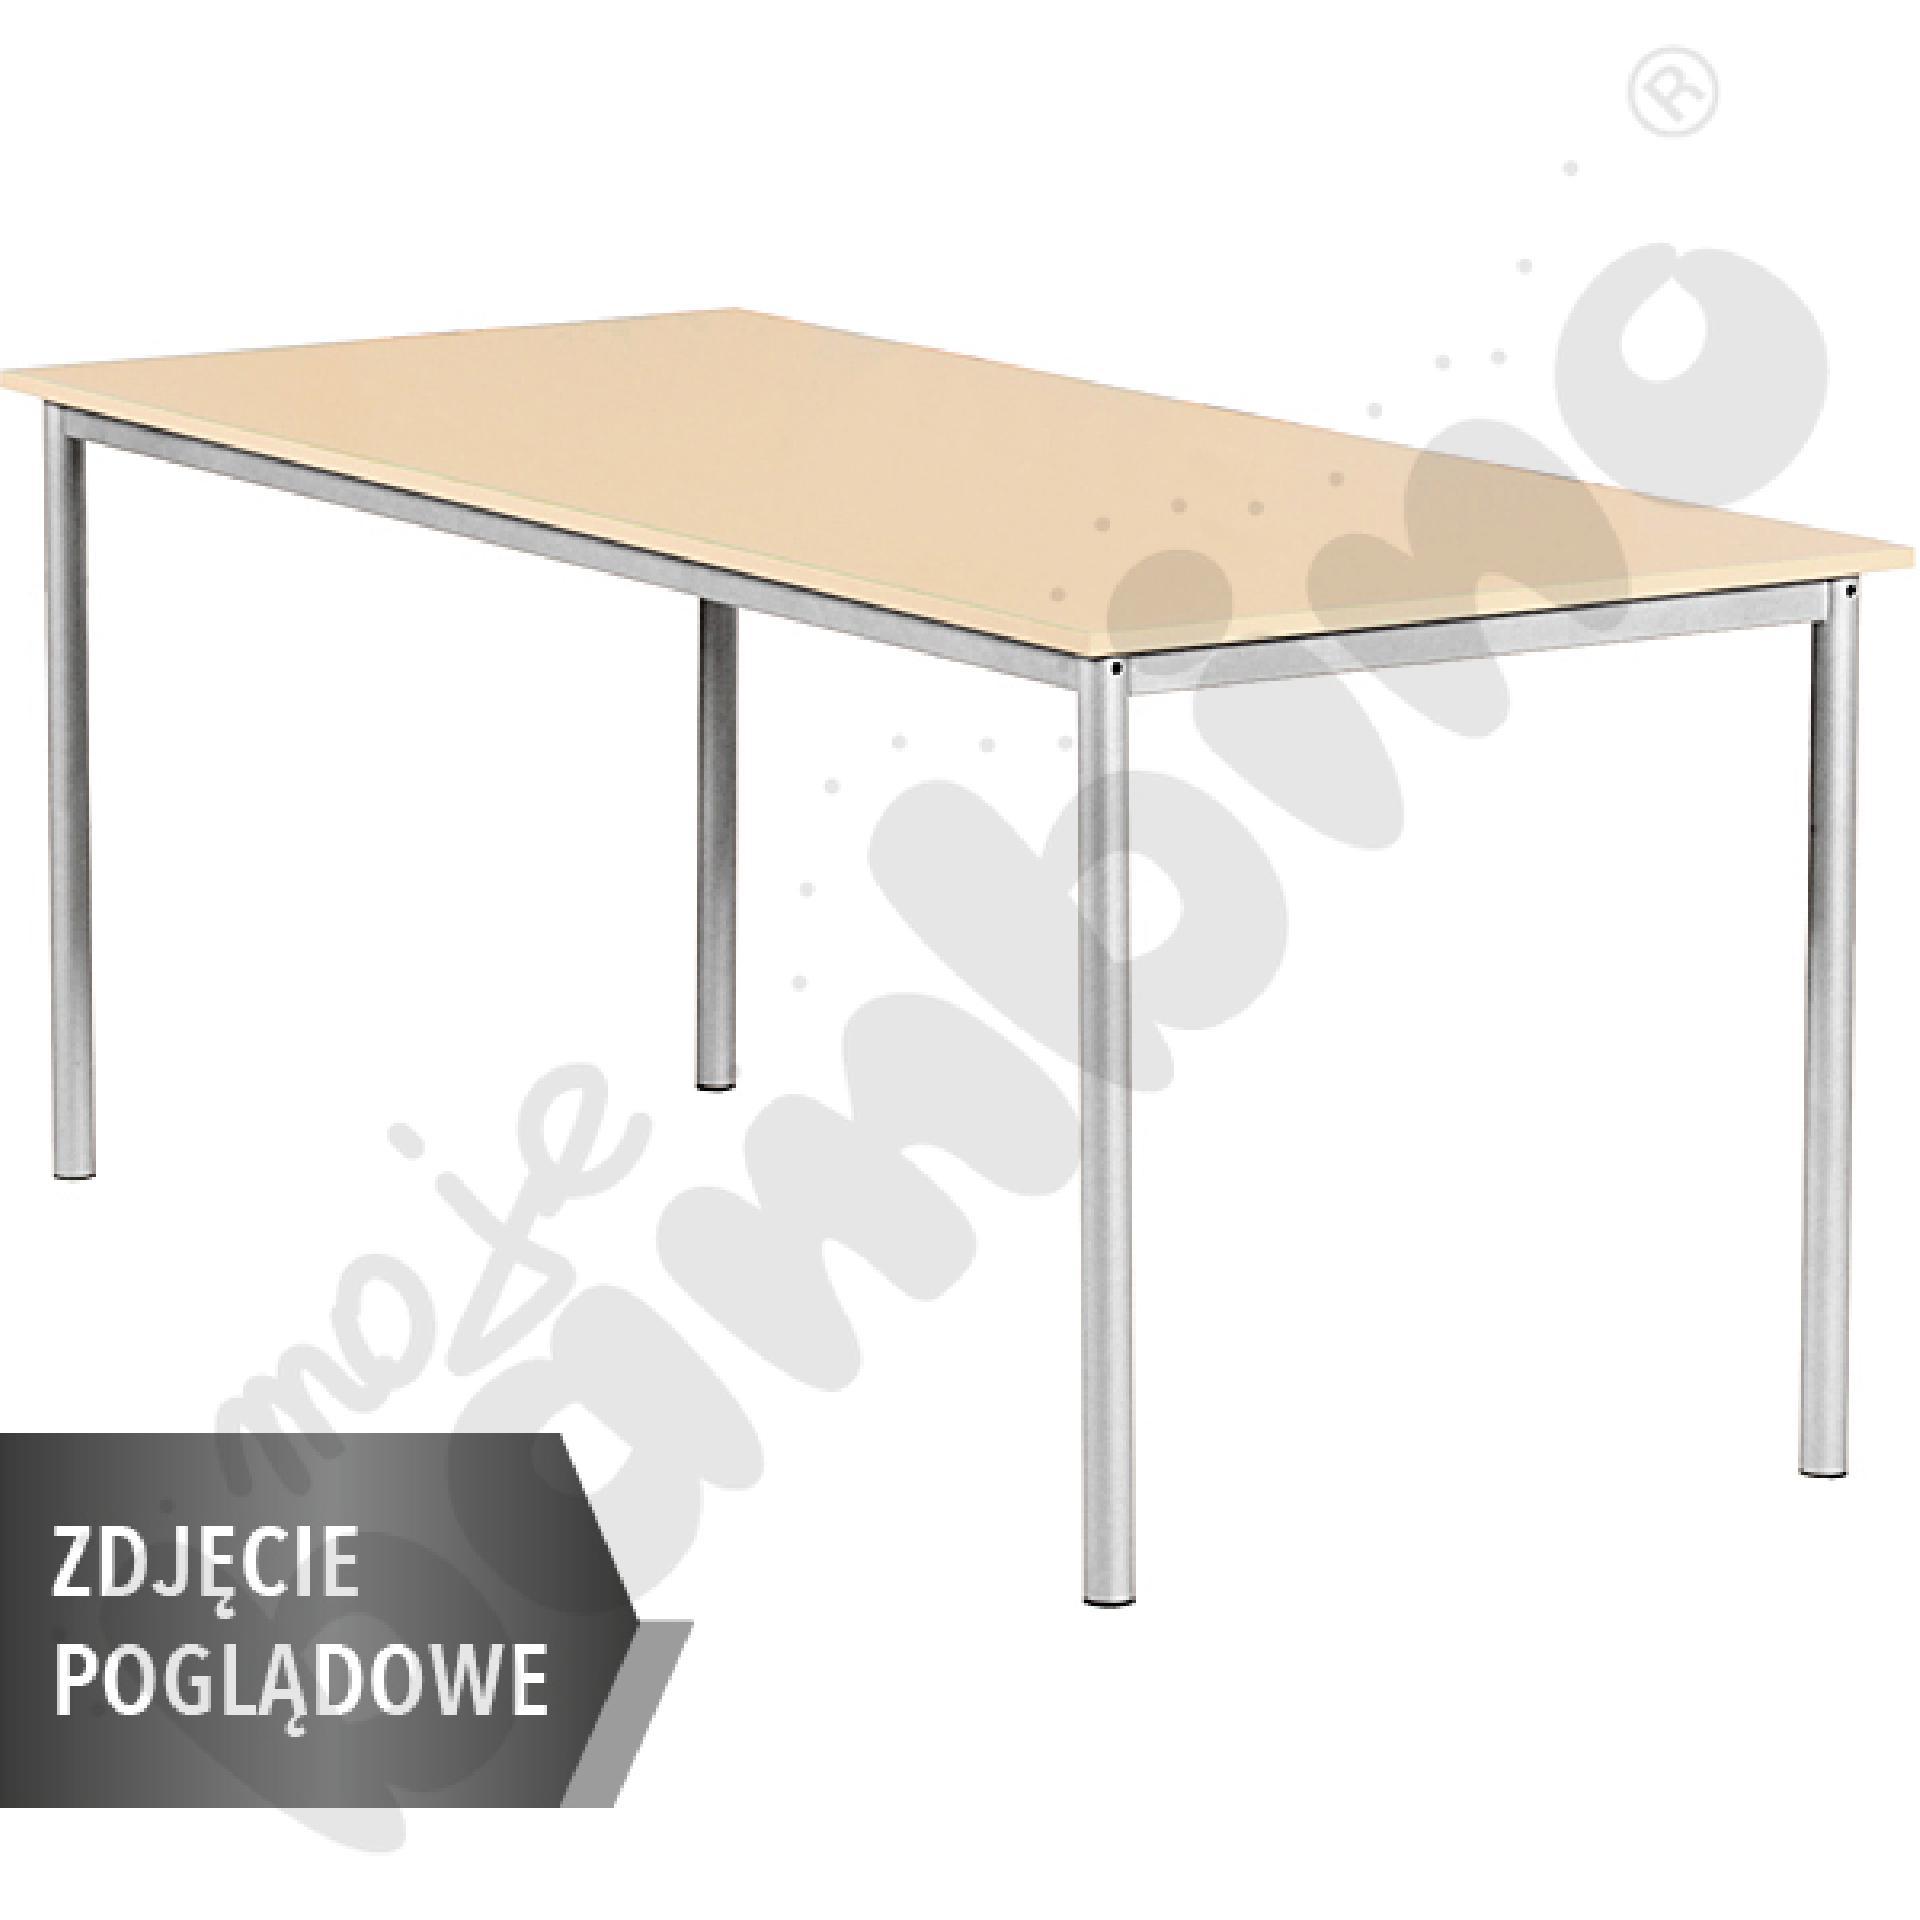 Stół Mila 160x80 rozm. 6, 8os., stelaż niebieski, blat klon, obrzeże ABS, narożniki proste